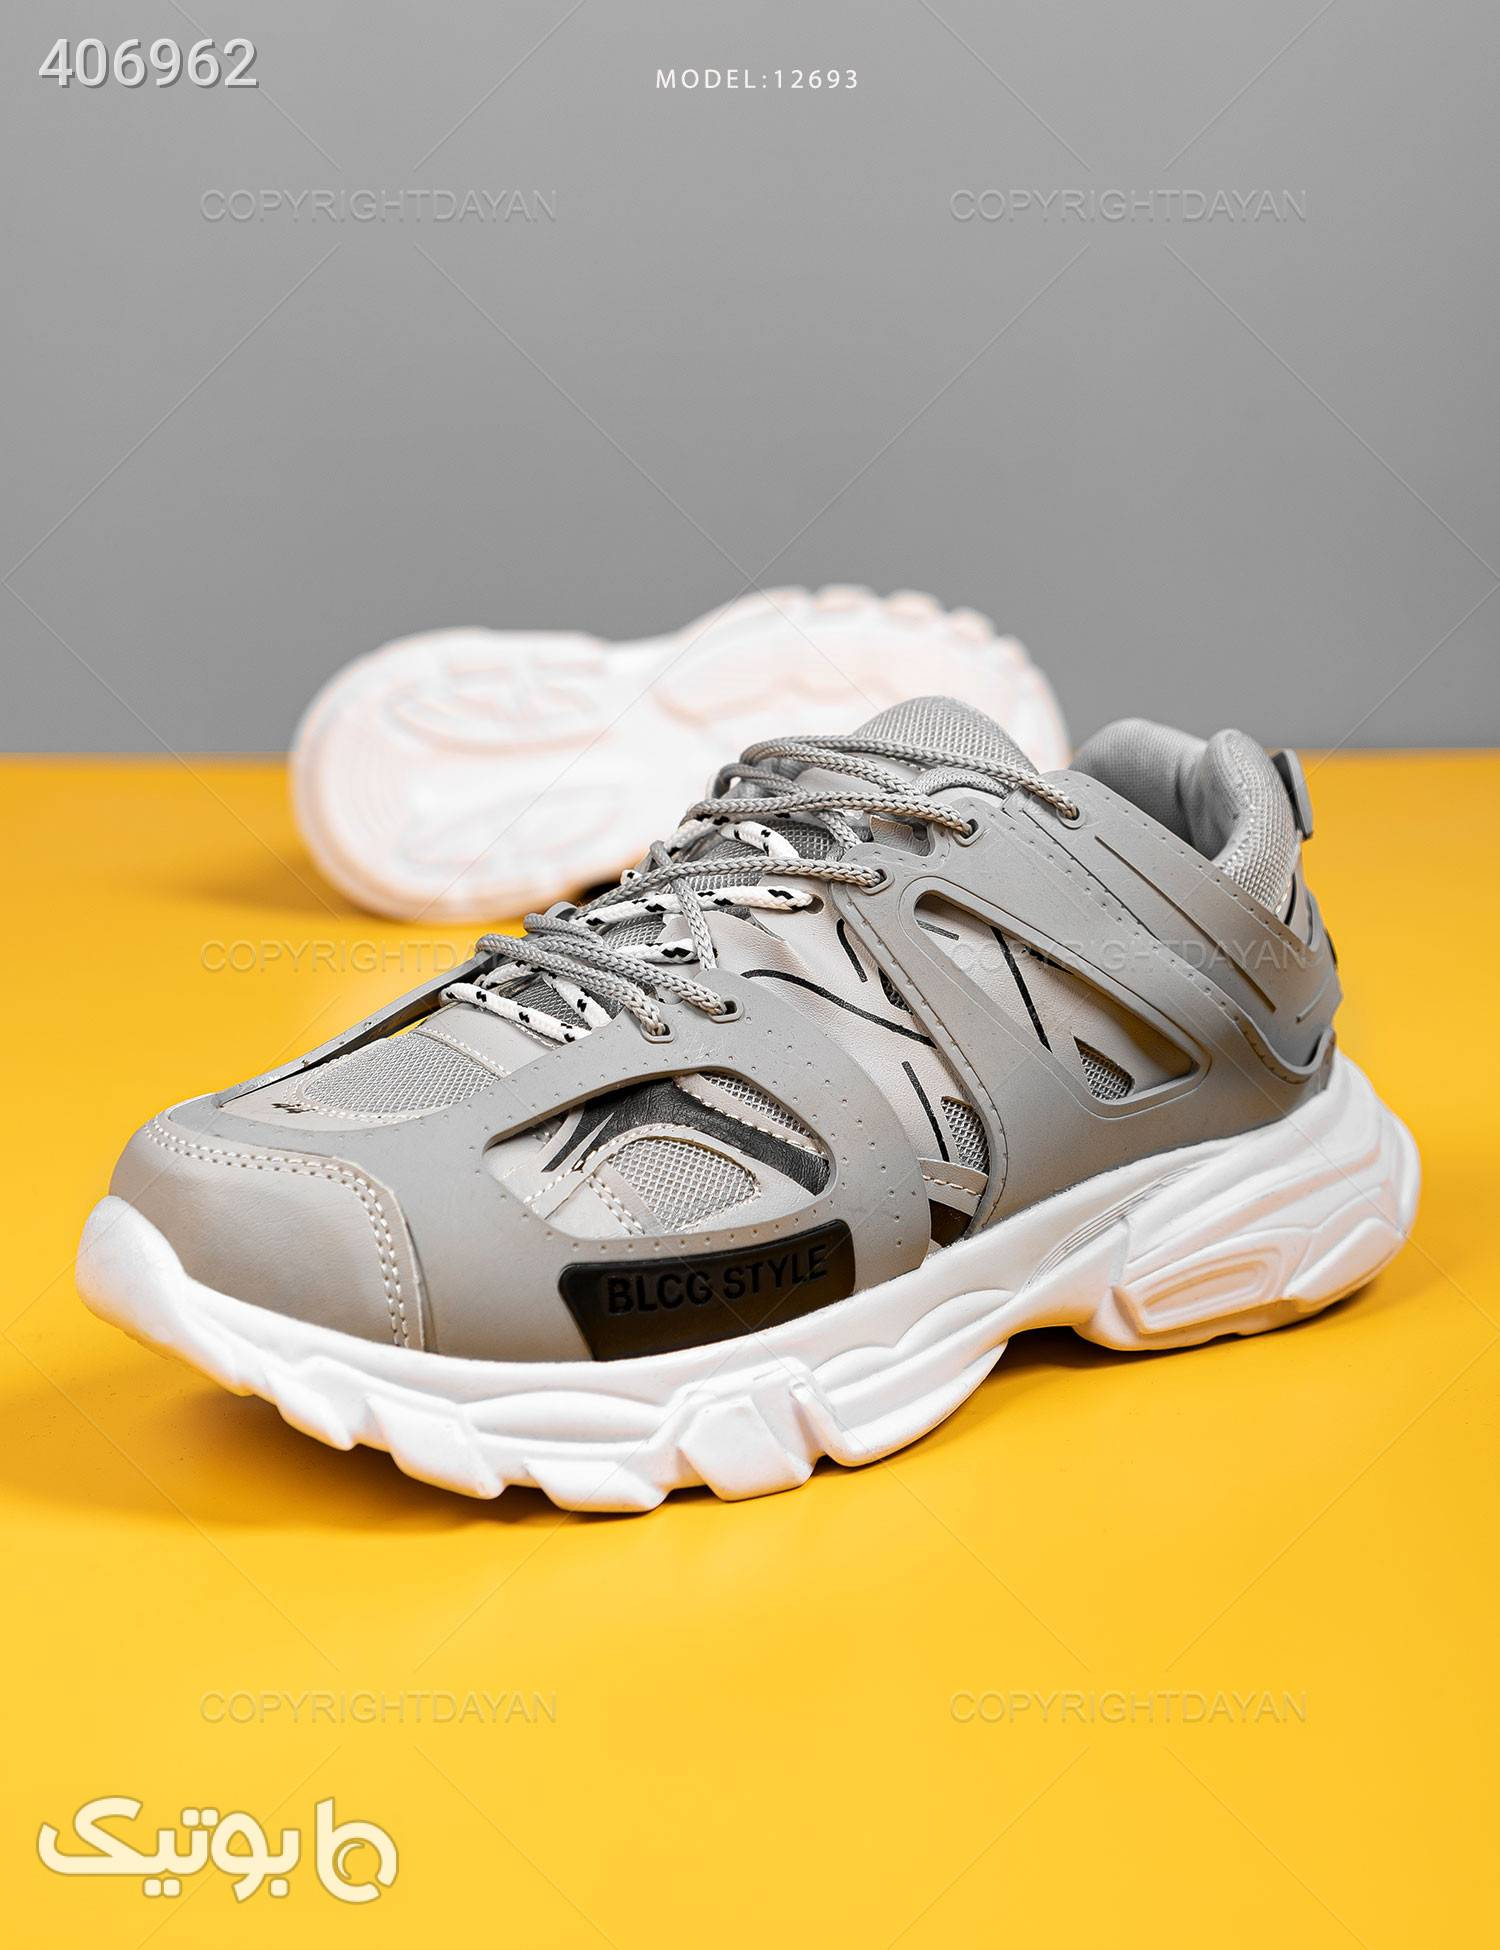 کفش مردانه Balenciaga مدل 12693 طوسی كتانی مردانه